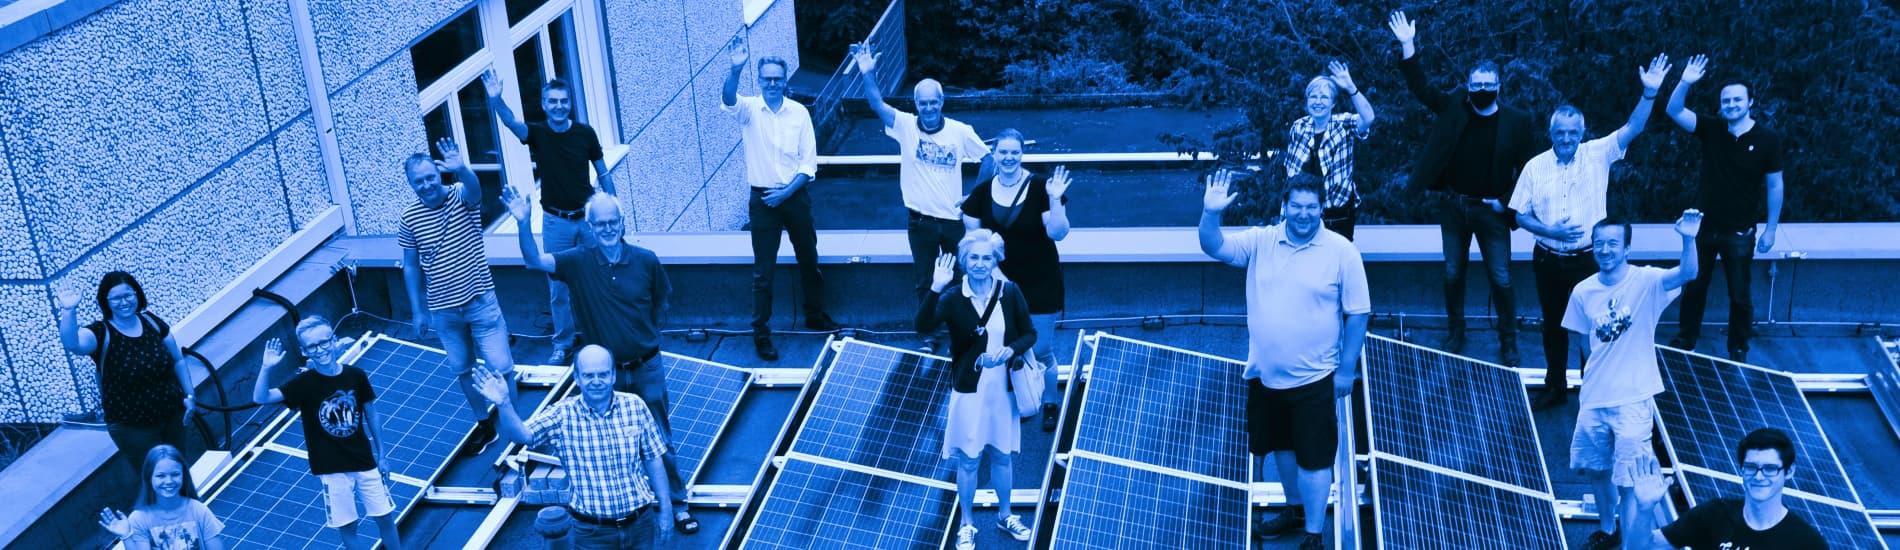 BEG-58 Bürgerenergiegenossenschaft - herzlich willkommen